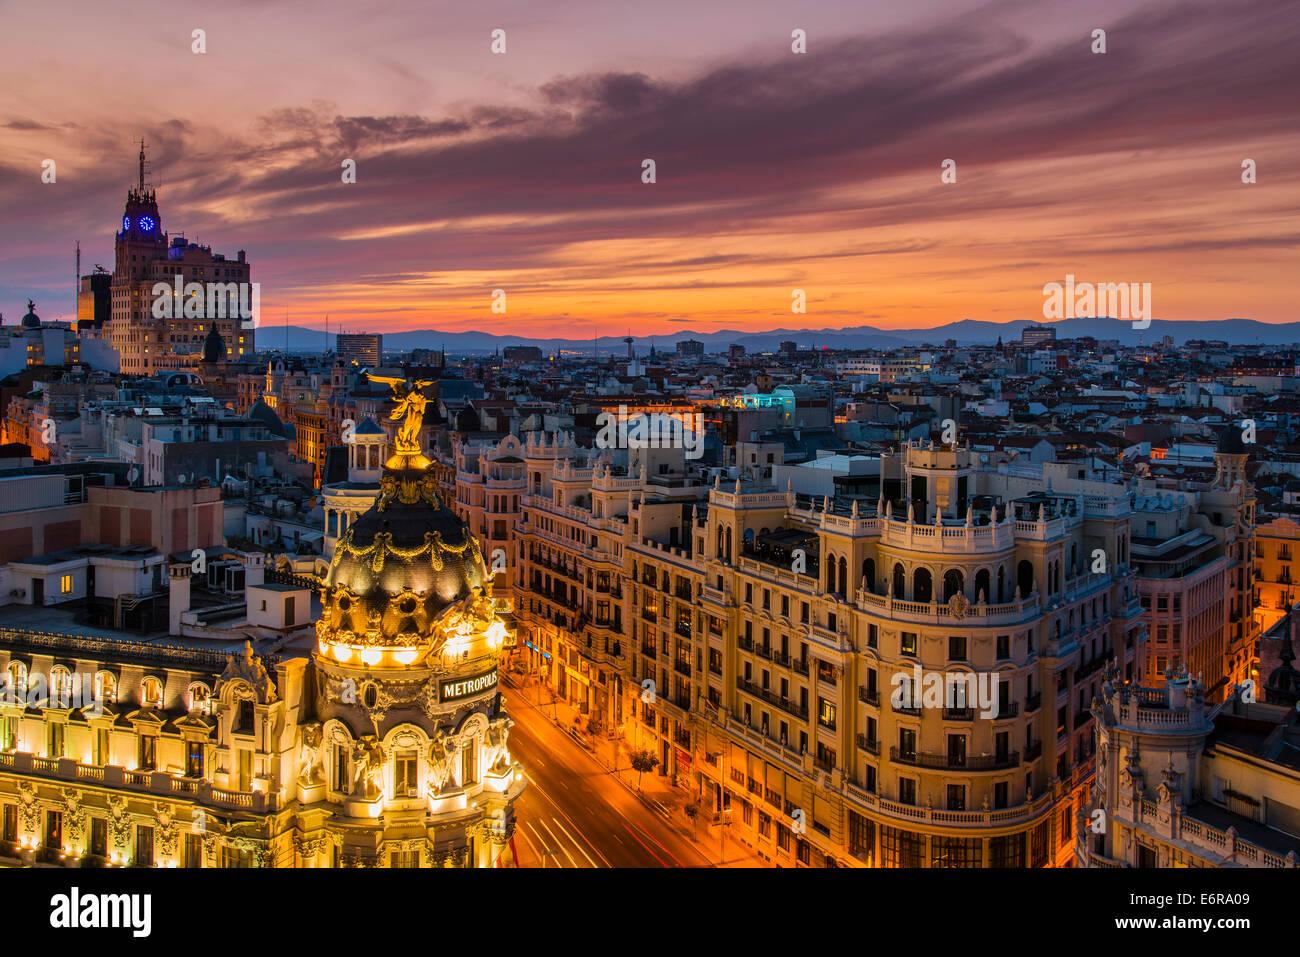 Skyline avec Metropolis building et la rue Gran Via au coucher du soleil, Madrid, Comunidad de Madrid, Espagne Photo Stock